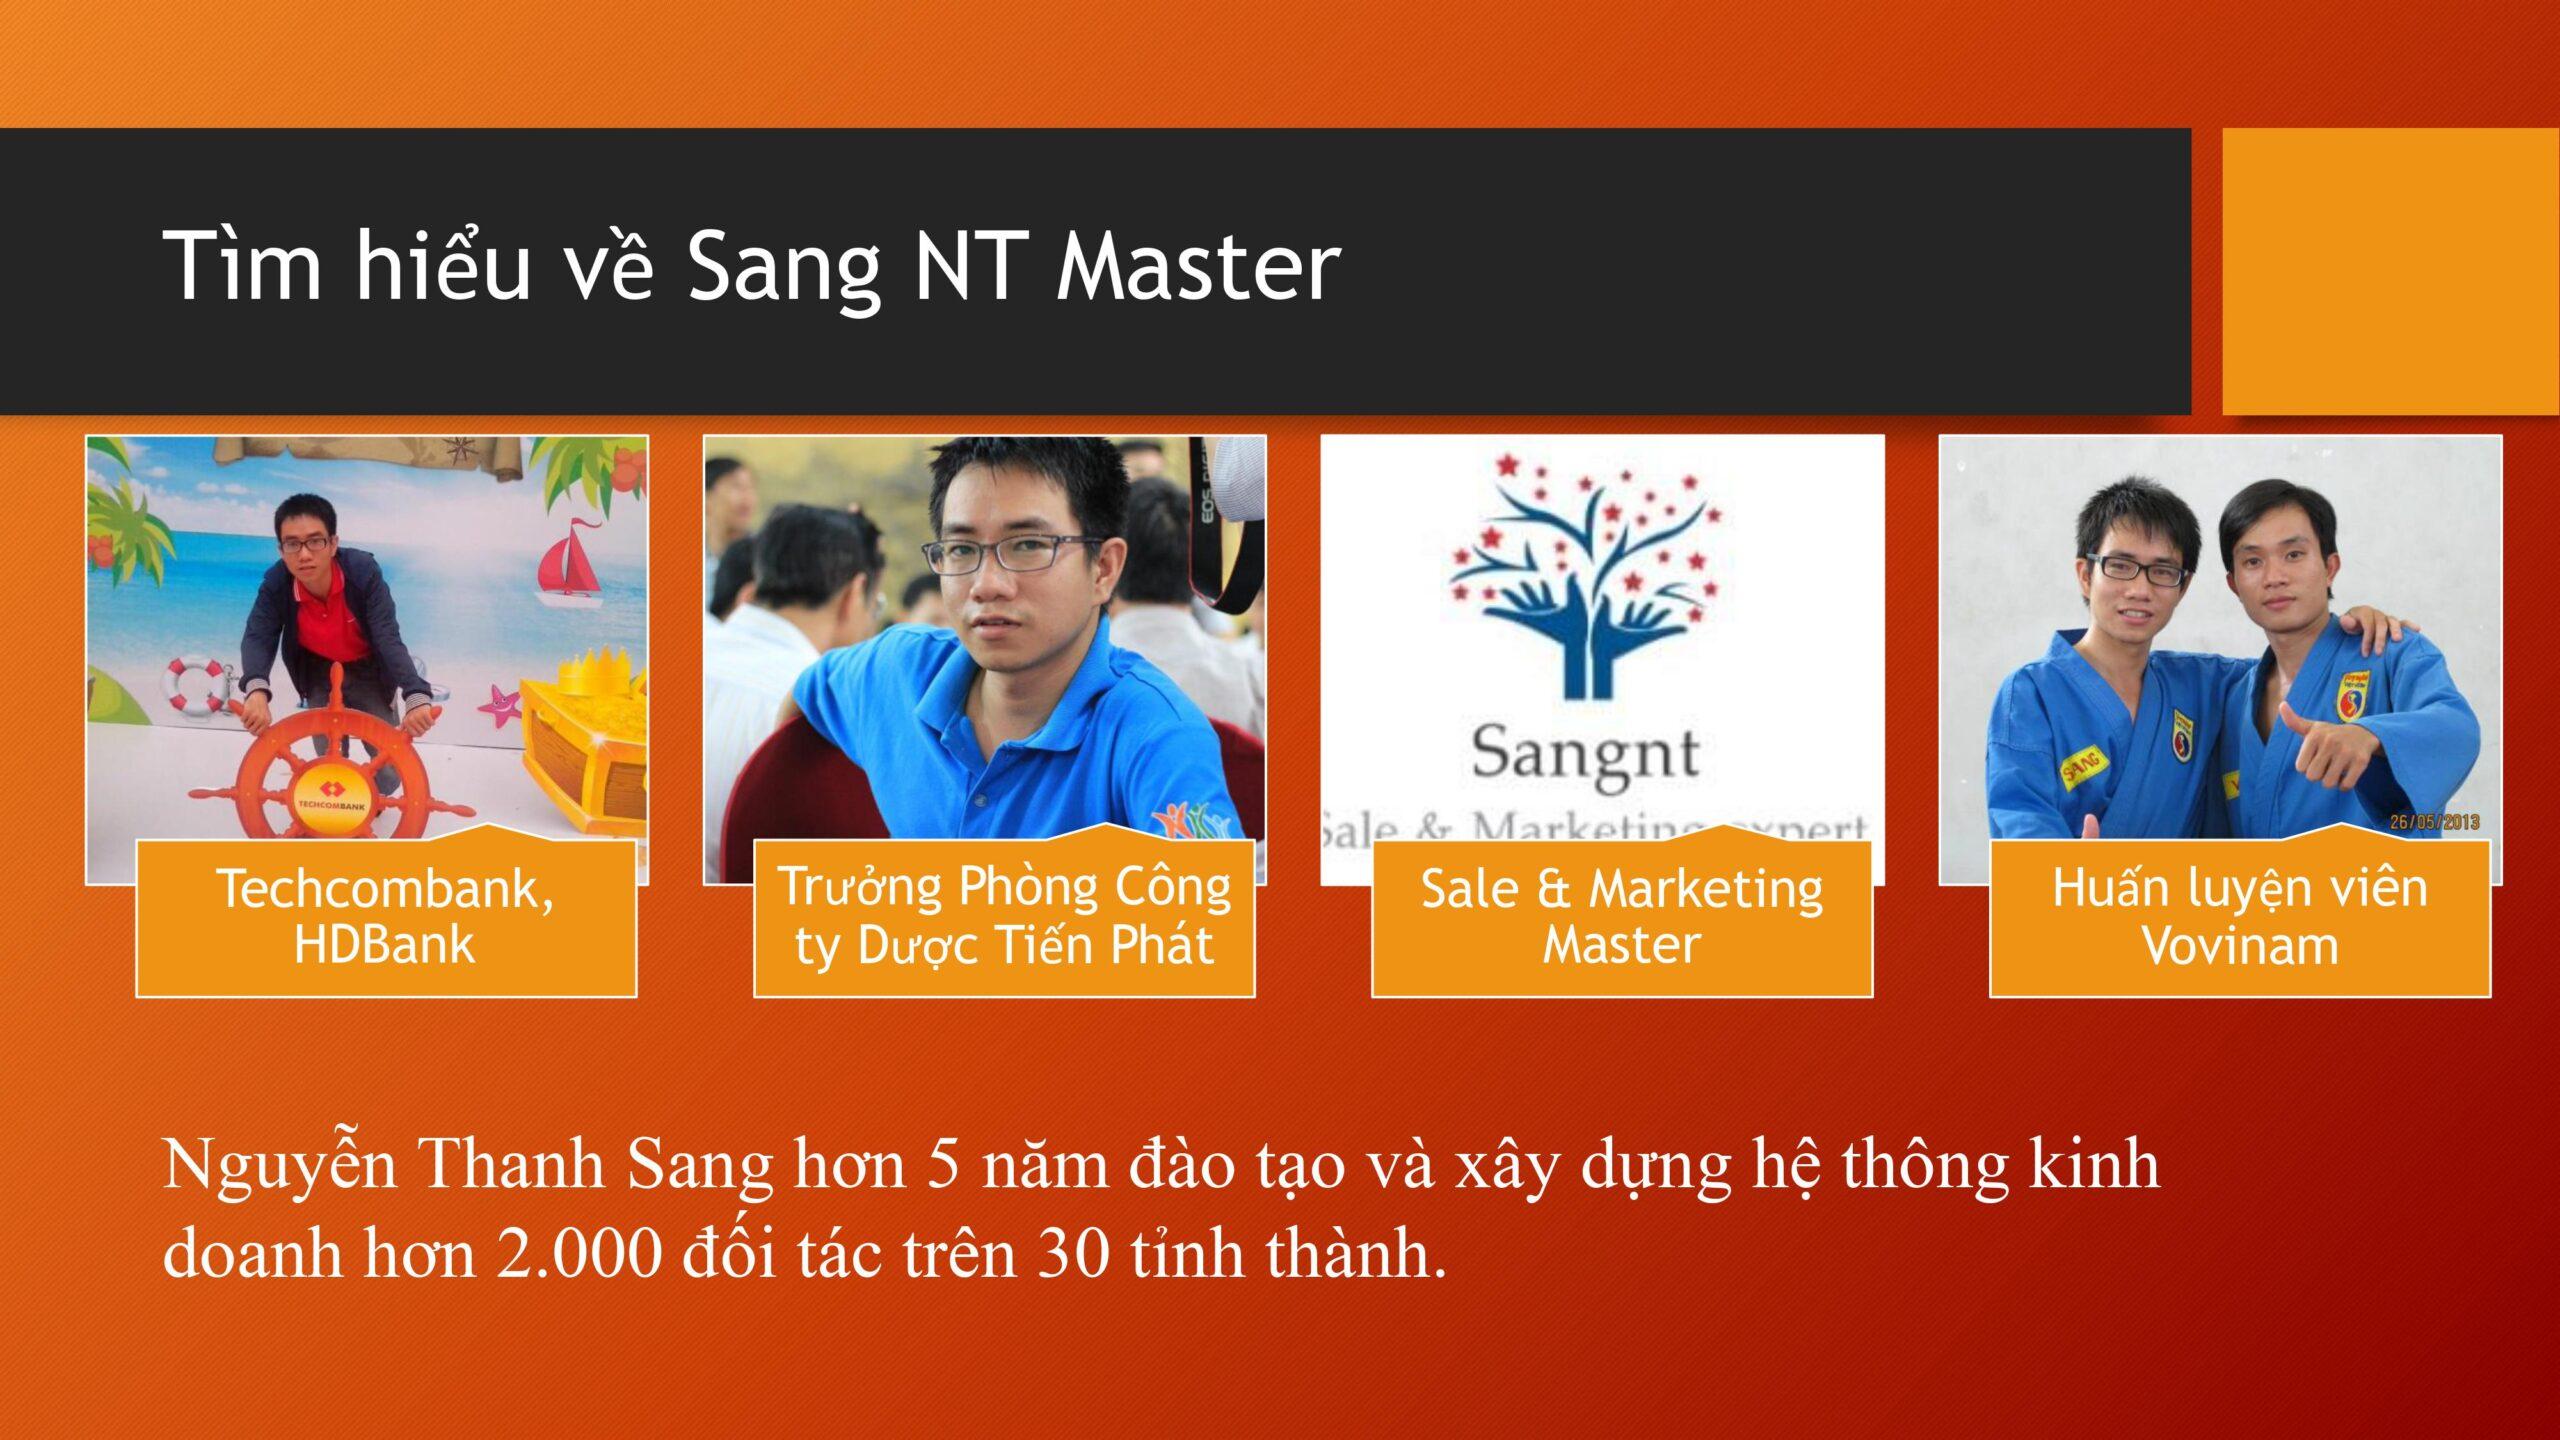 Tìm hiểu về Sang NT Master